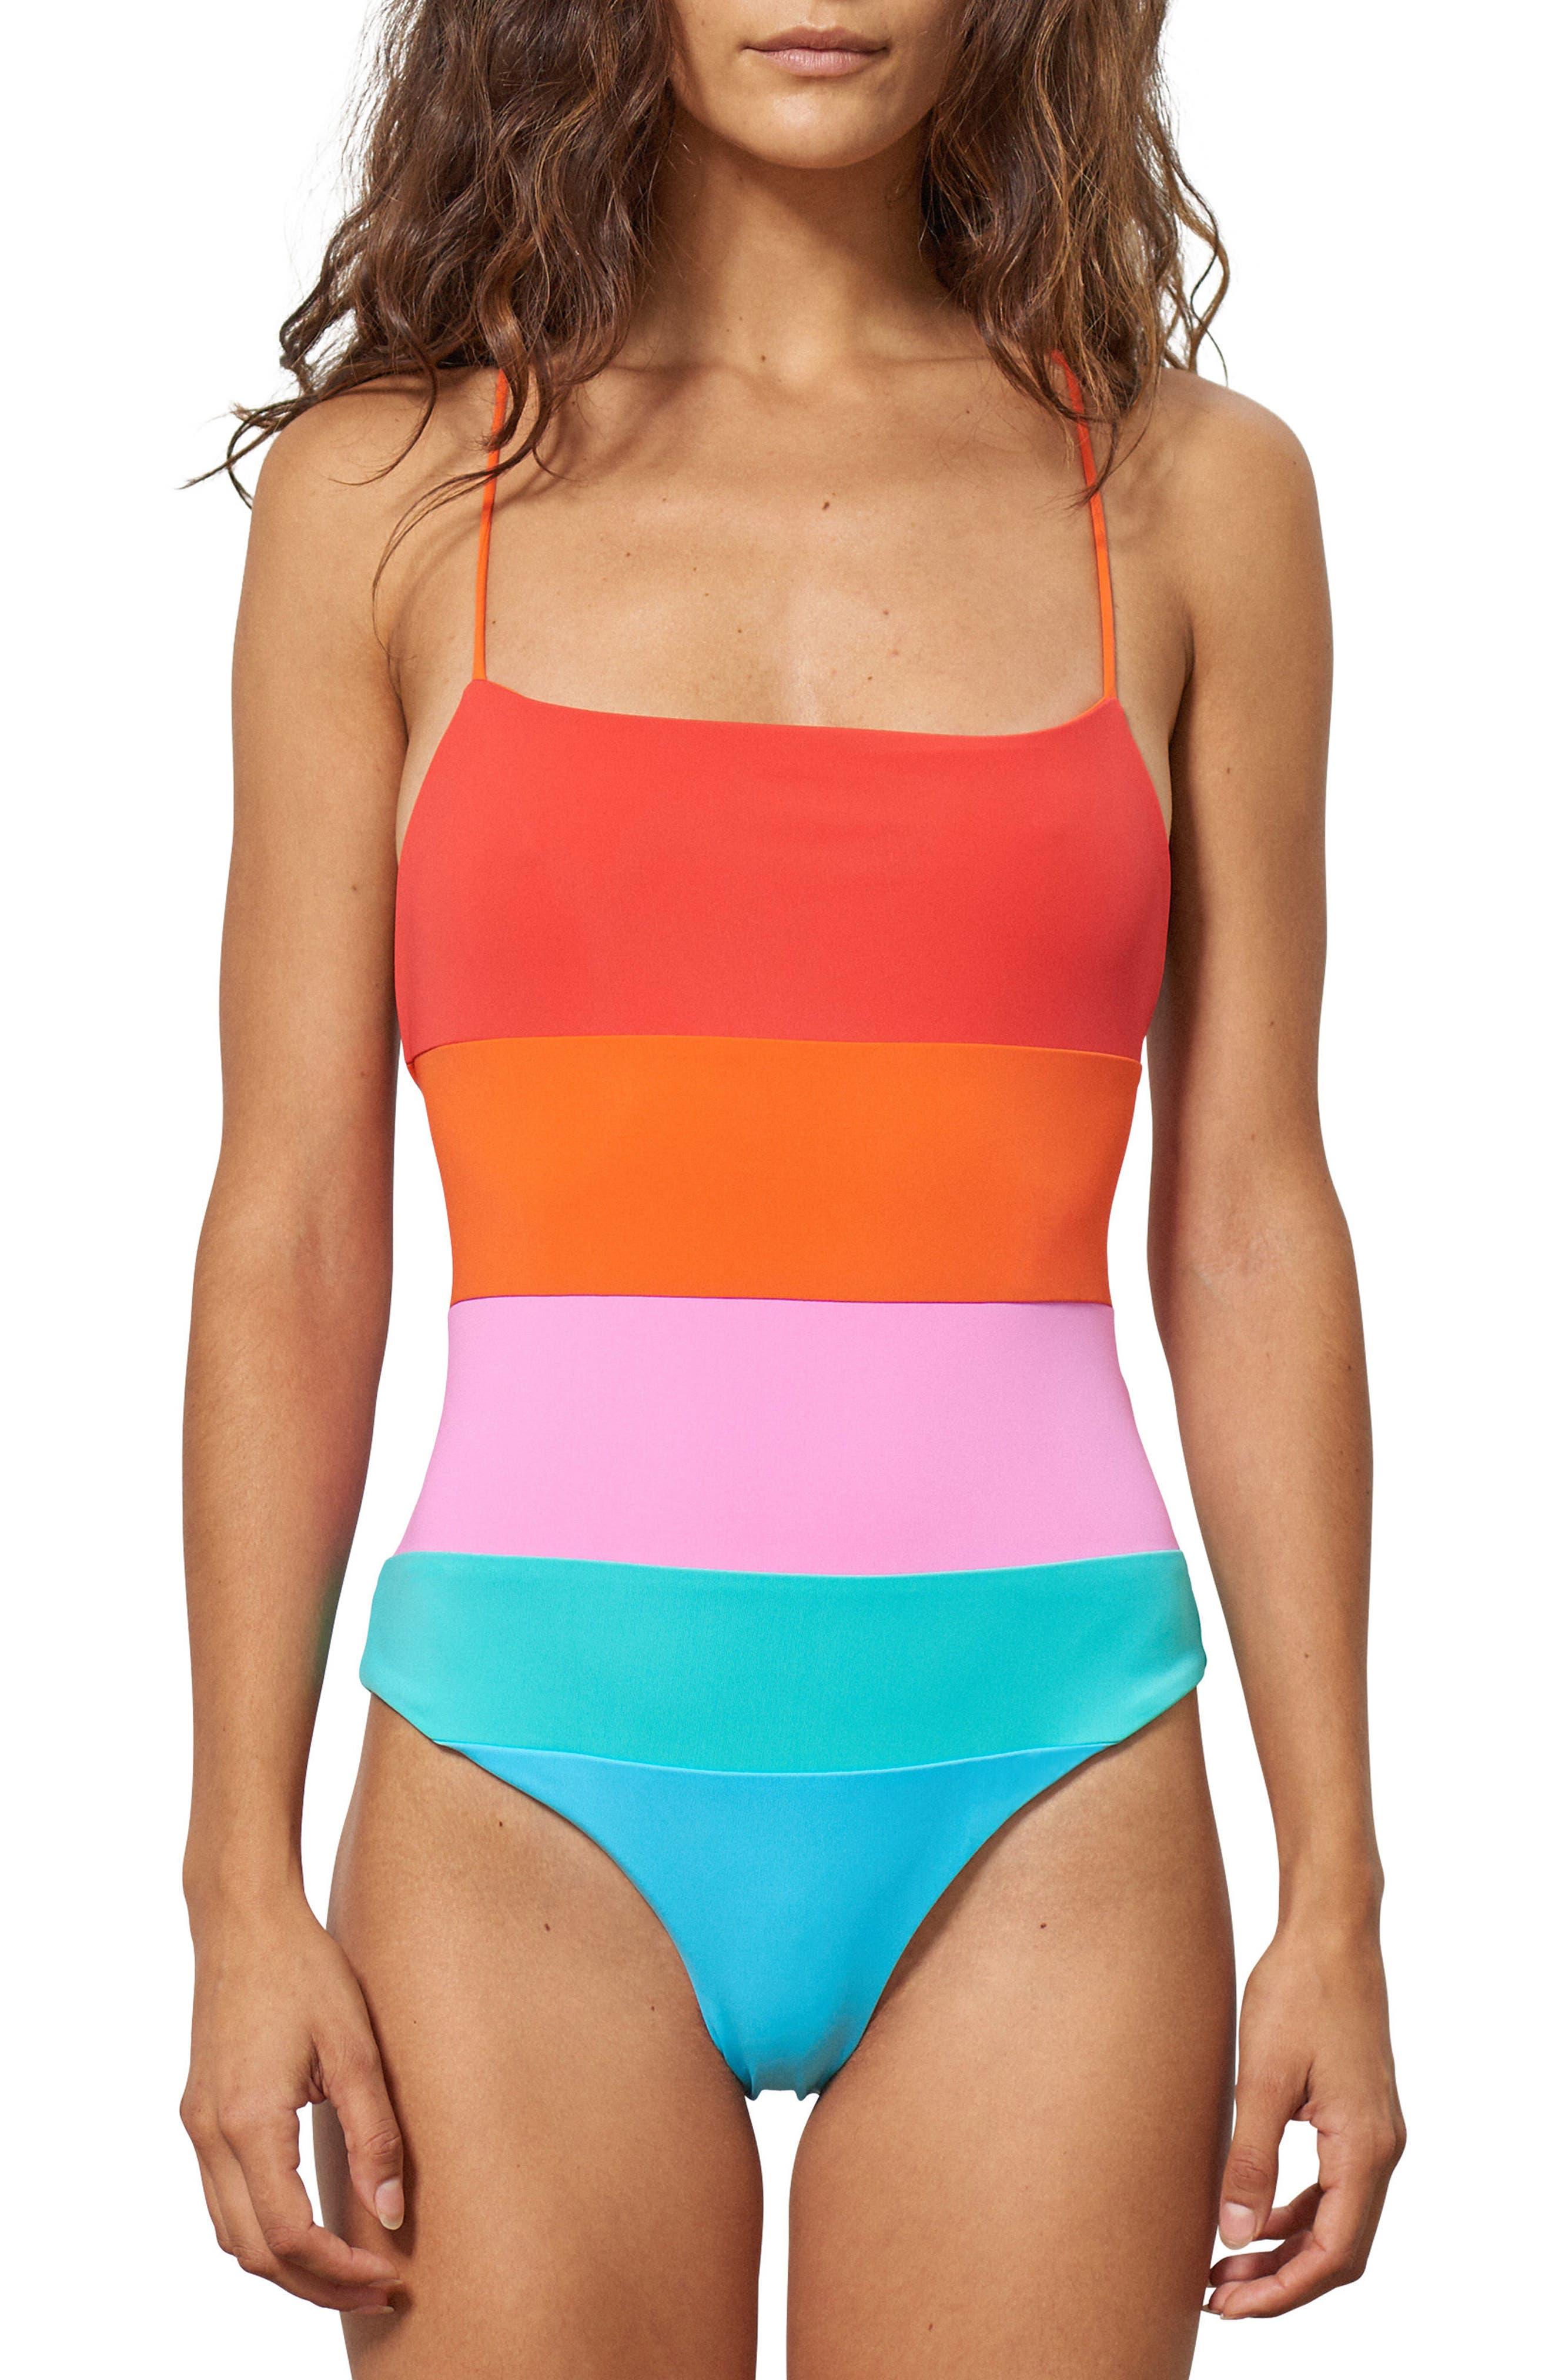 Olympia One-Piece Swimsuit,                         Main,                         color, Orange Multi